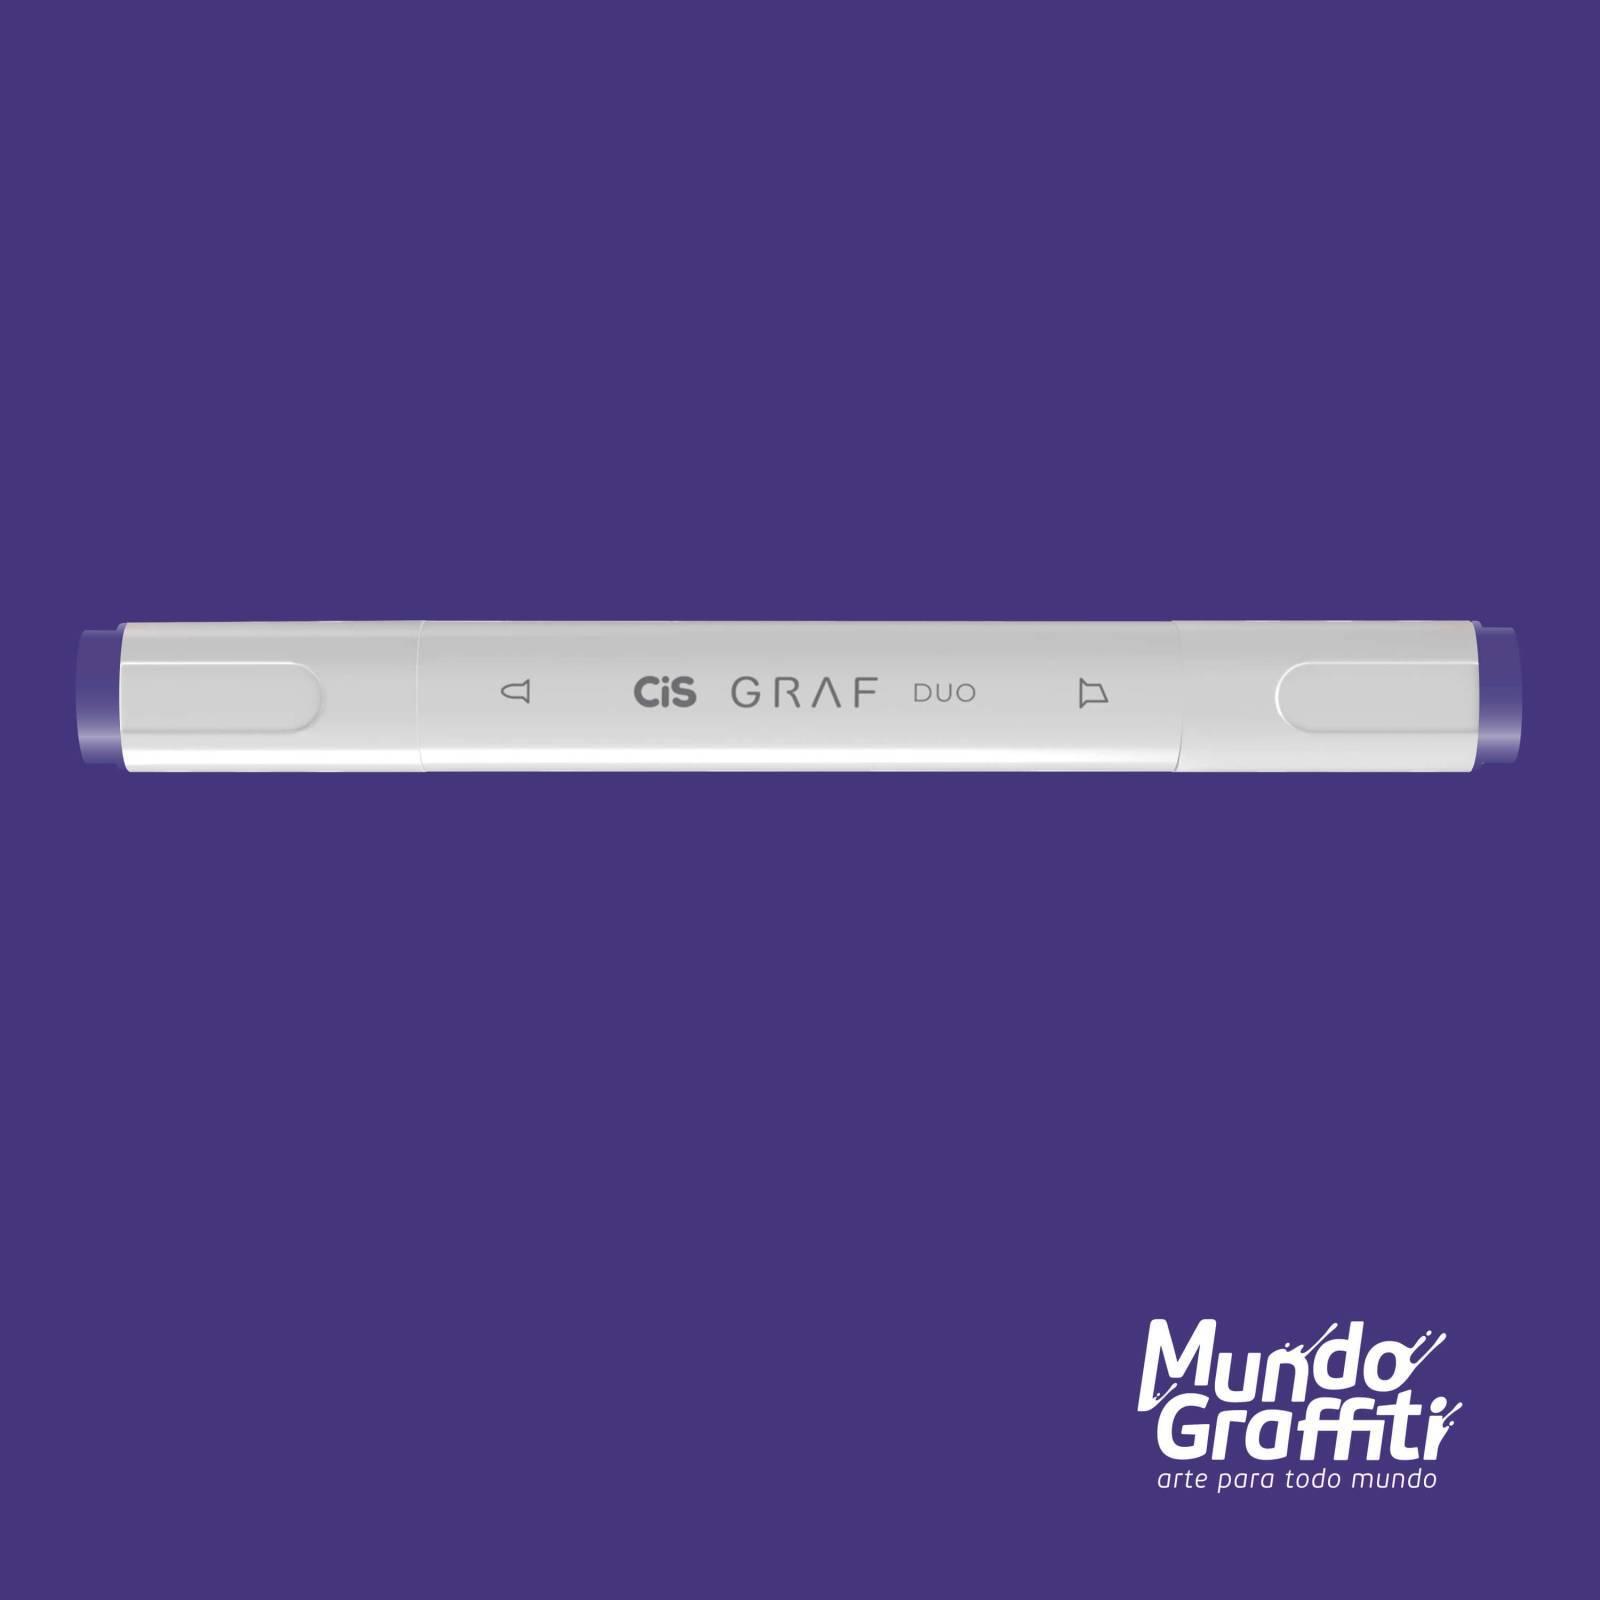 Marcador Cis Graf Duo Lavender 83 - Mundo Graffiti